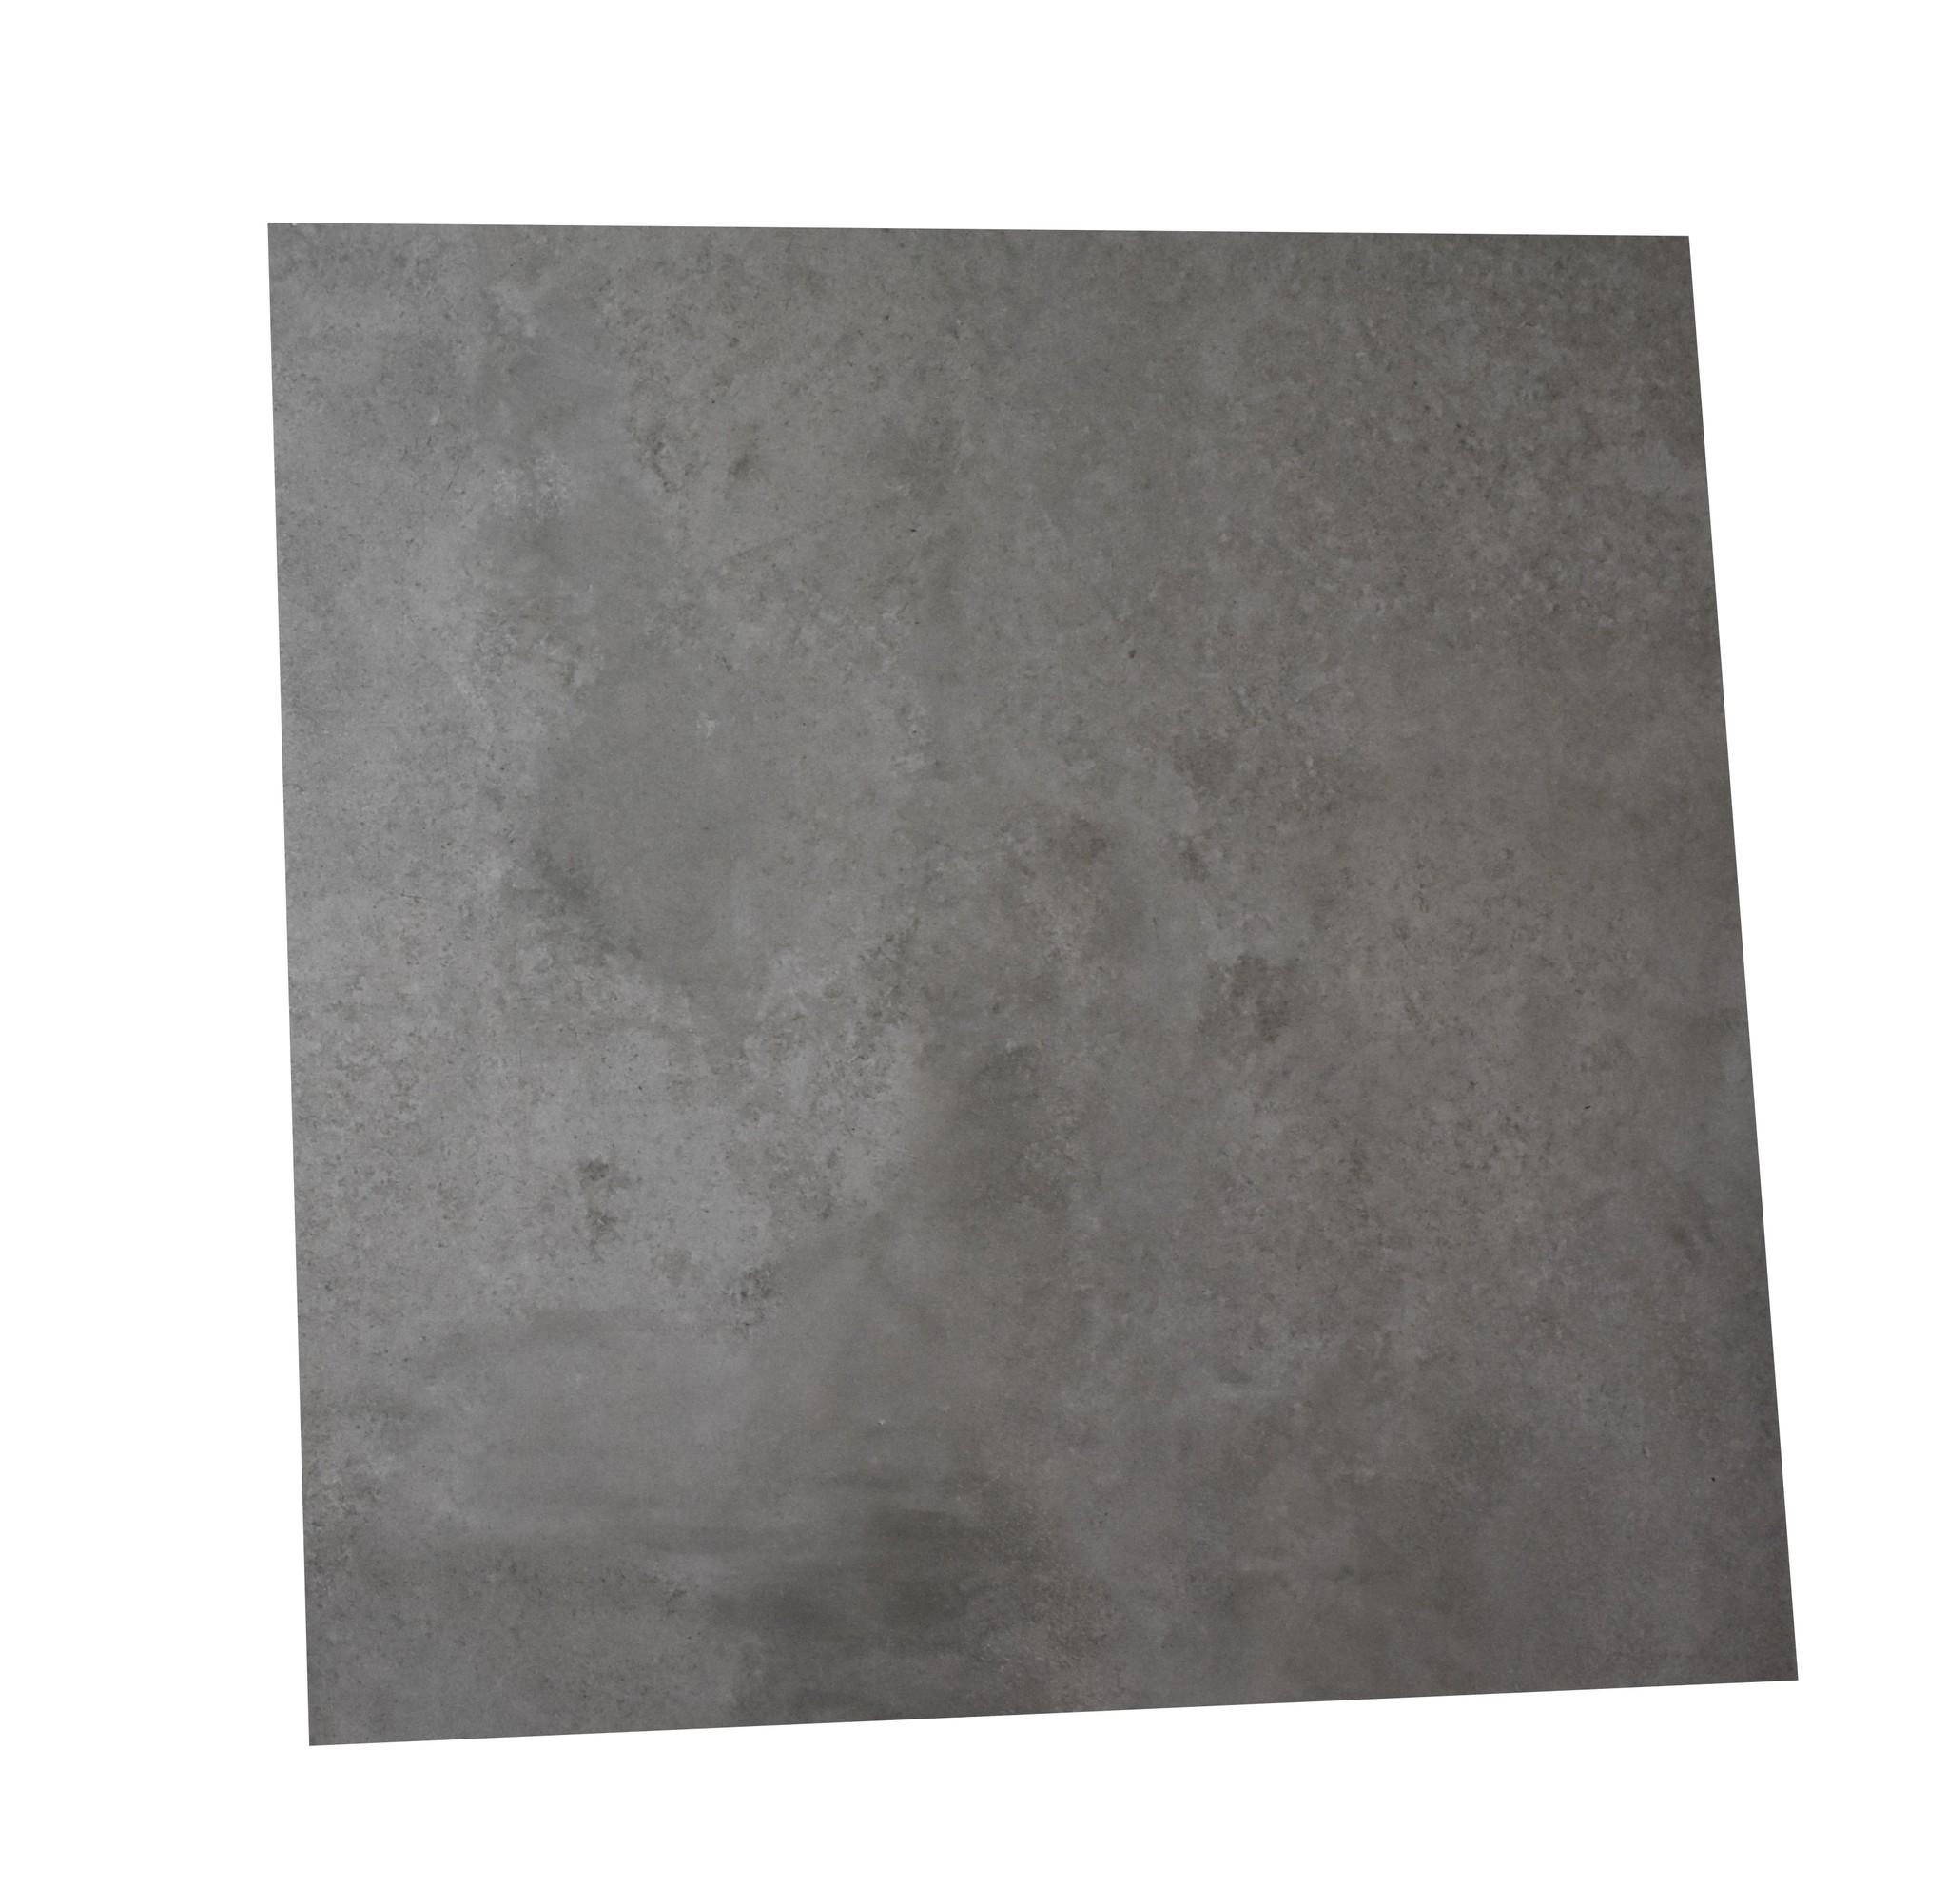 Carrelage Metallique Perla